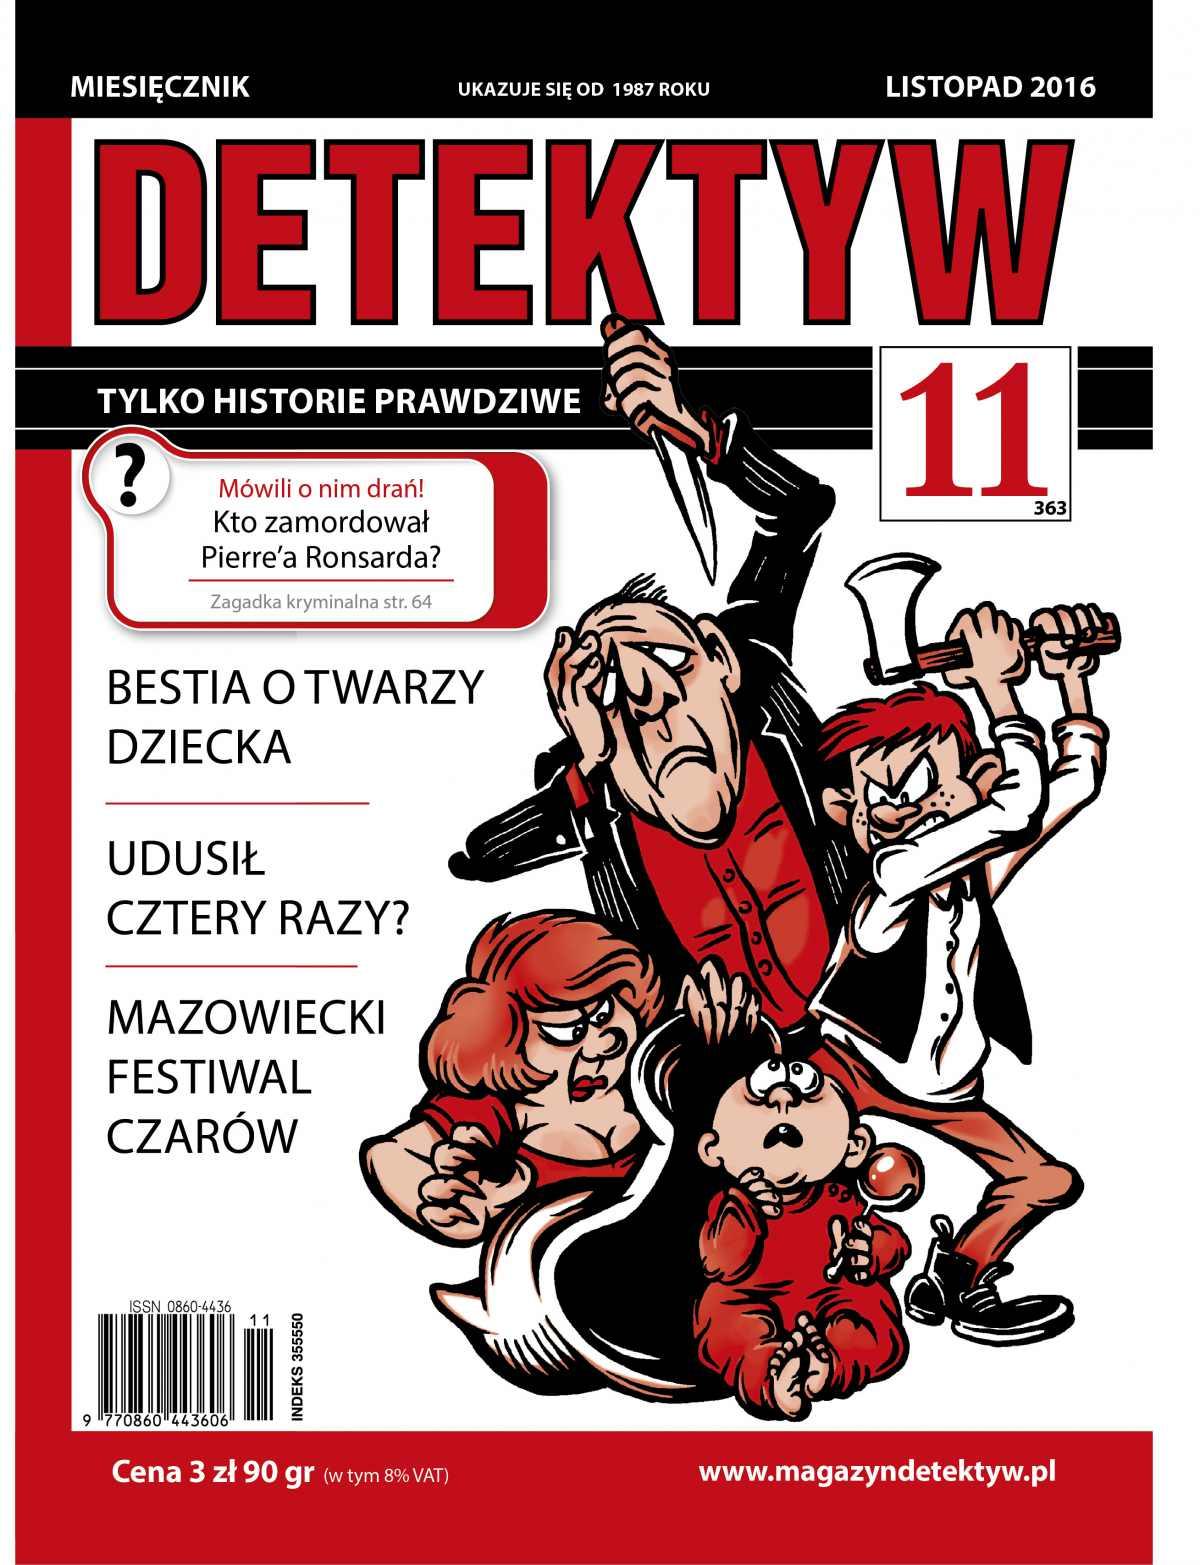 Detektyw 11/2016 - Ebook (Książka PDF) do pobrania w formacie PDF